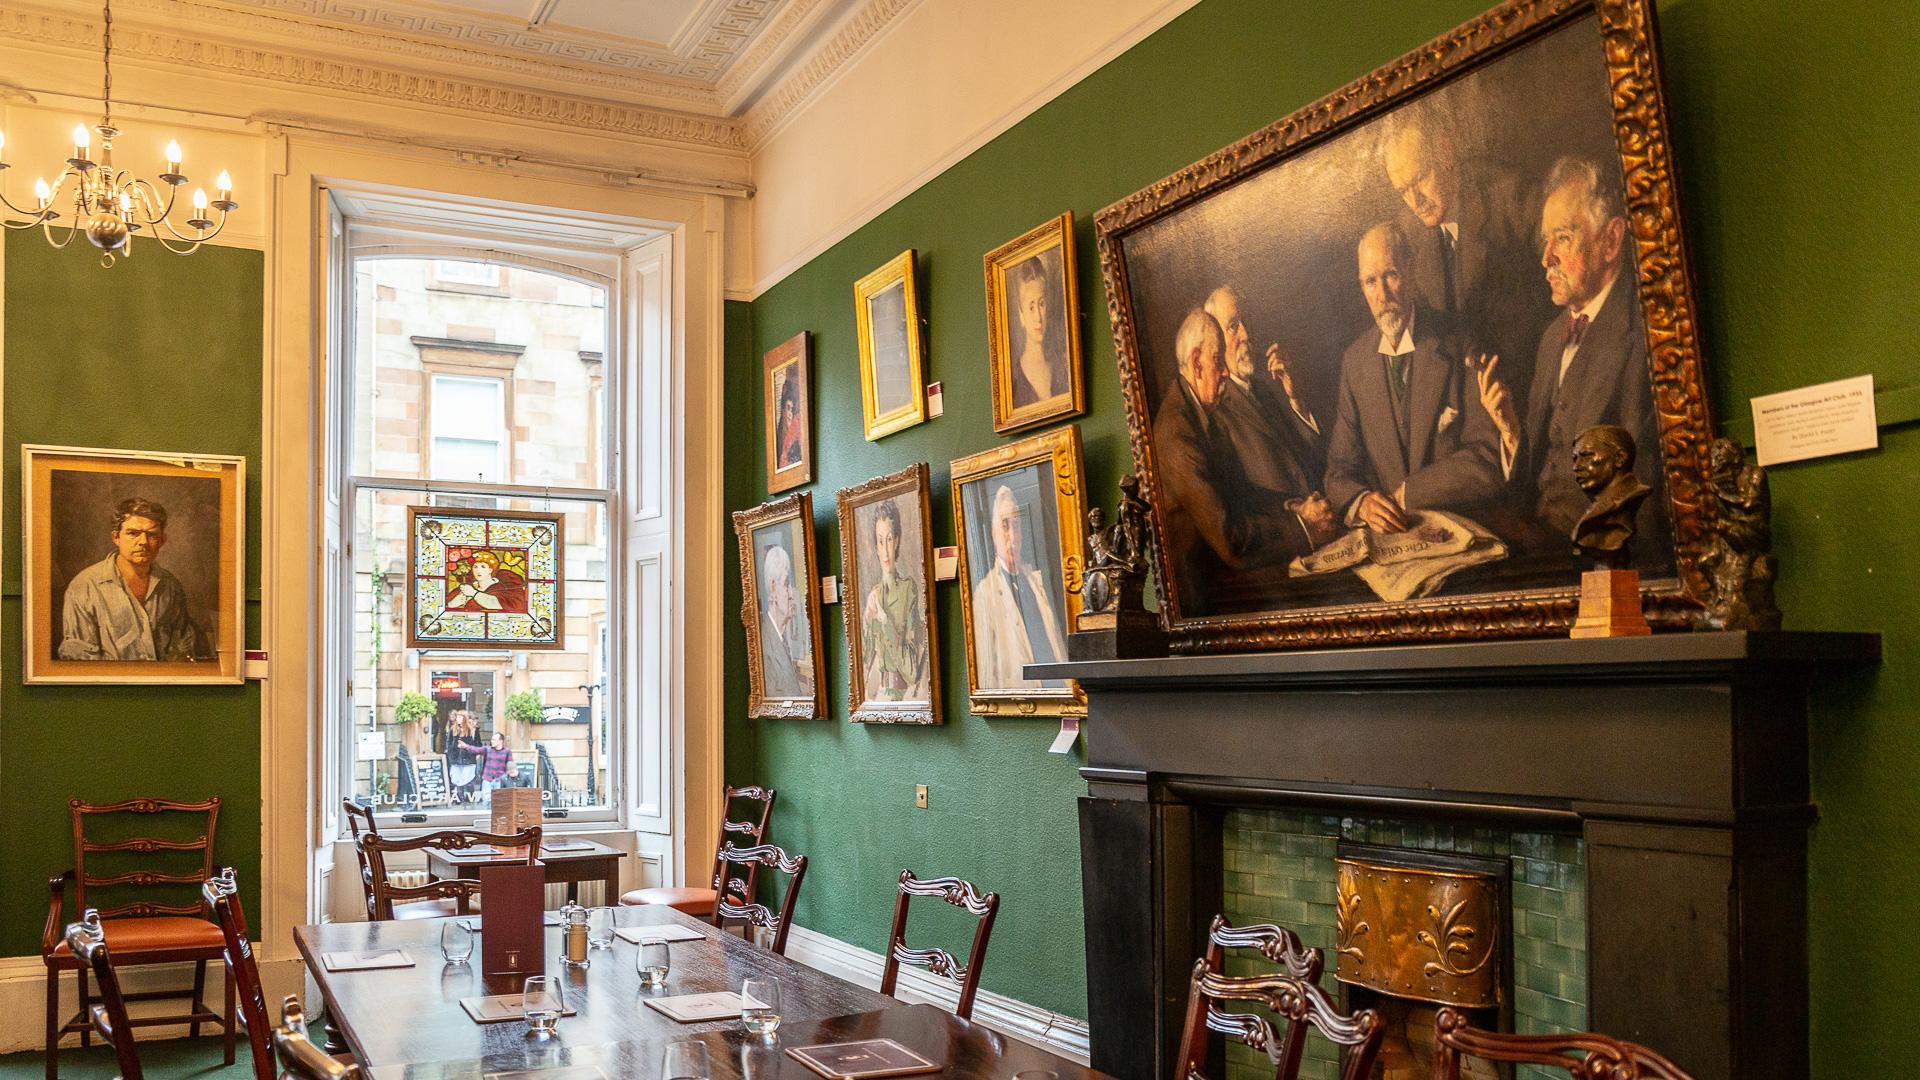 Glasgow Arts Club